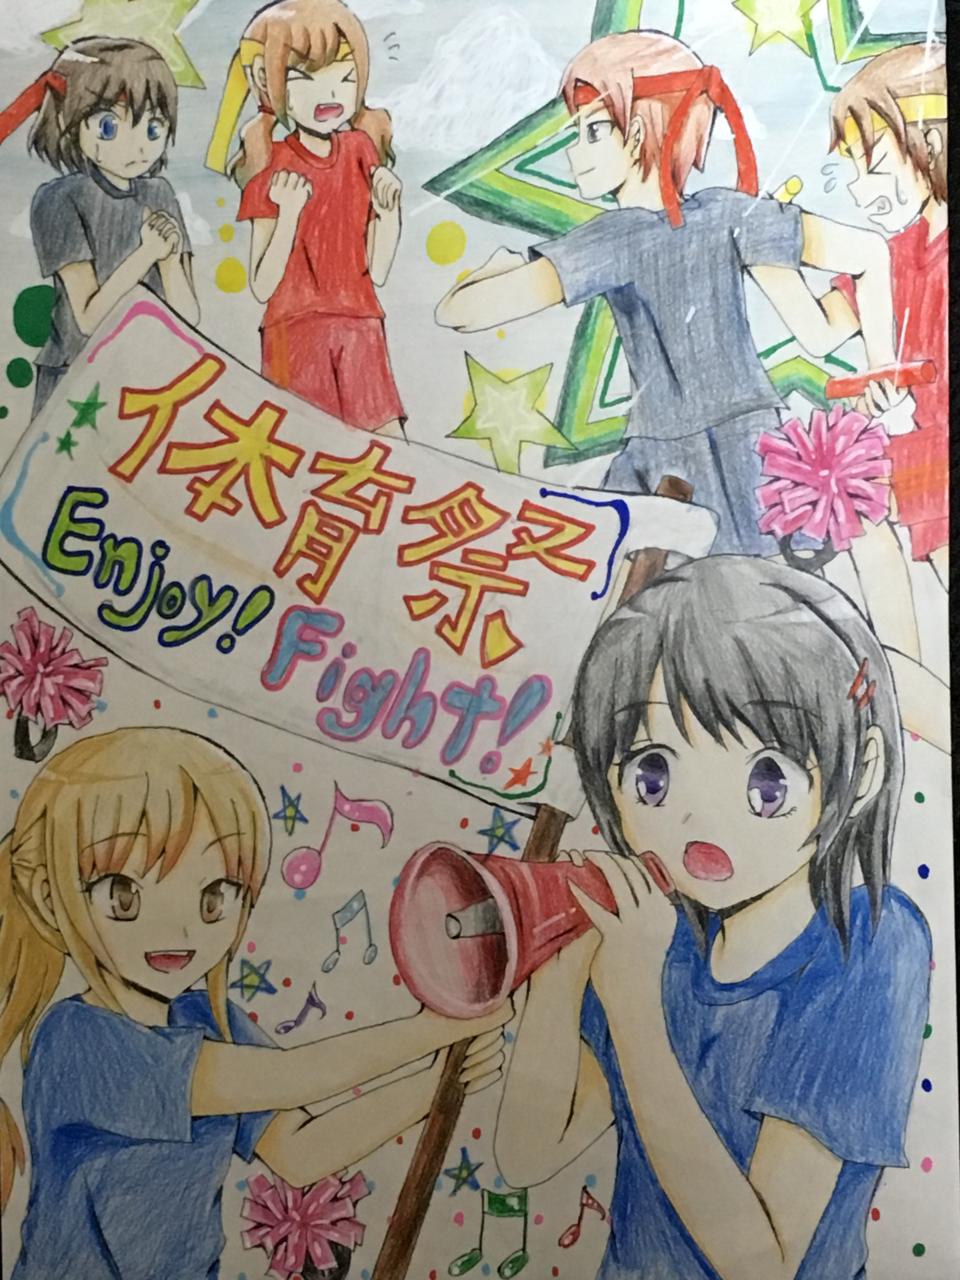 体育祭アナログポスター絵 ひまわりちゃん Illustrations Art Street